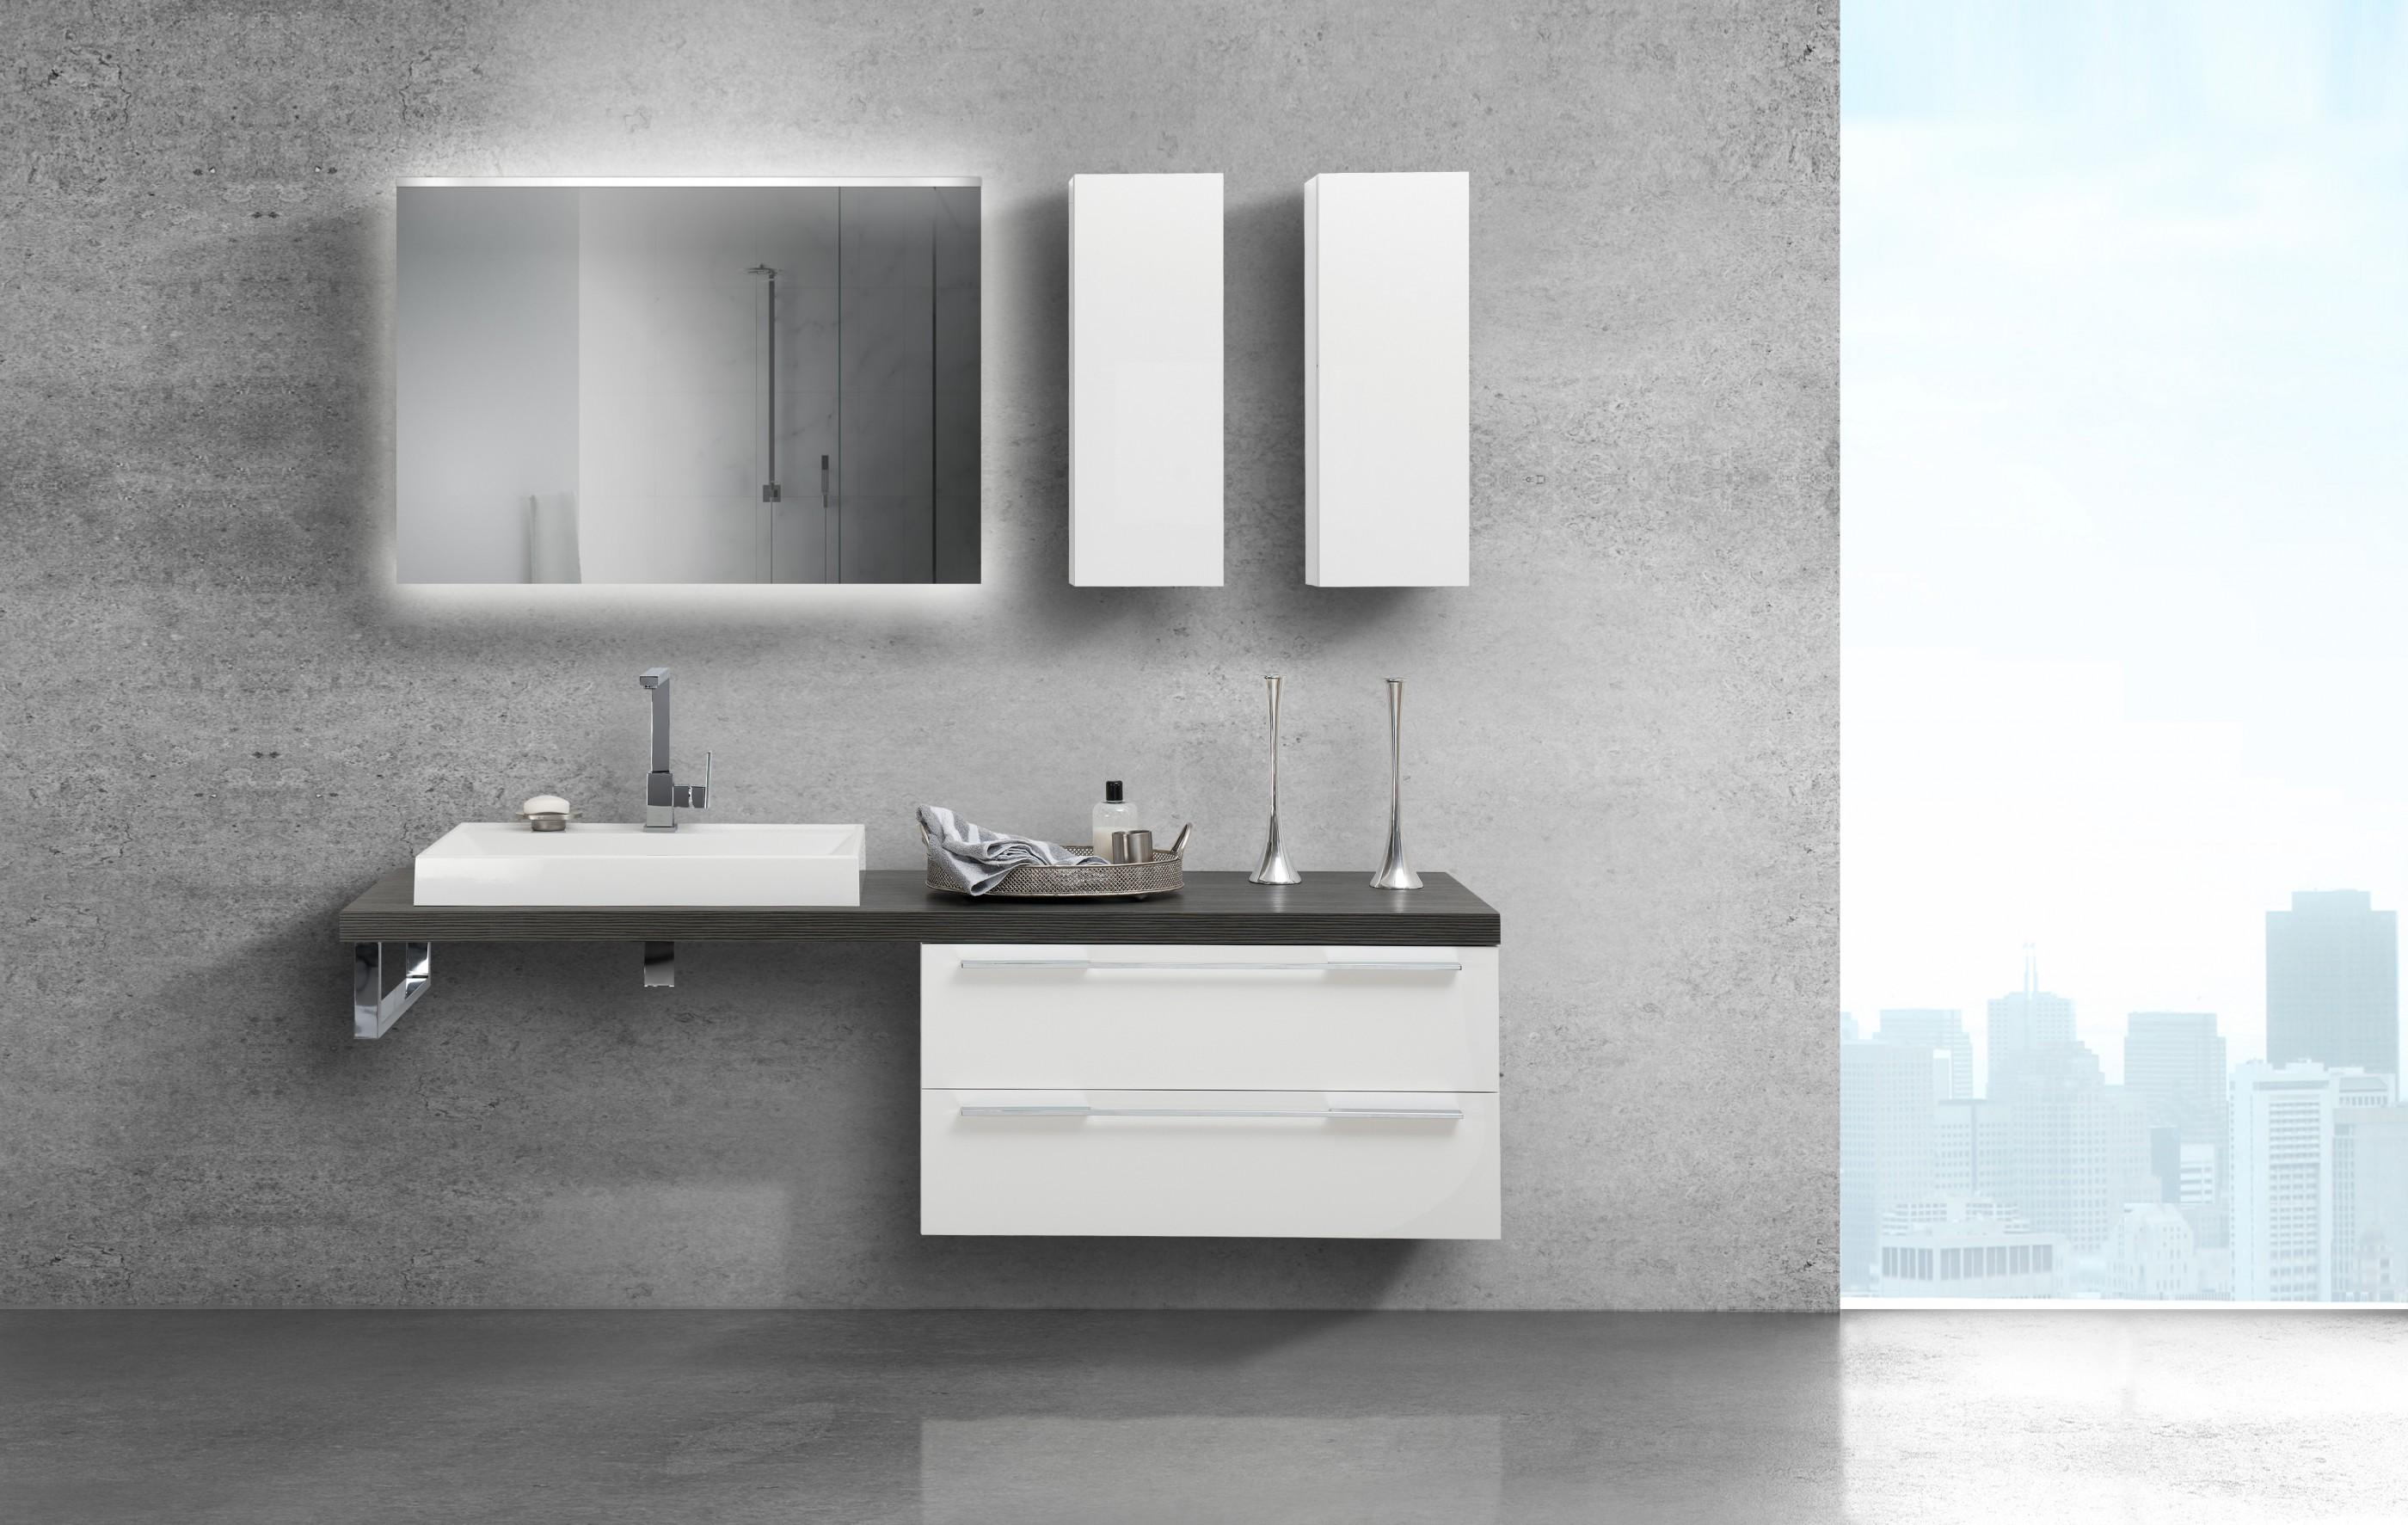 Badezimmermöbel Set Stehend | grafffit.com